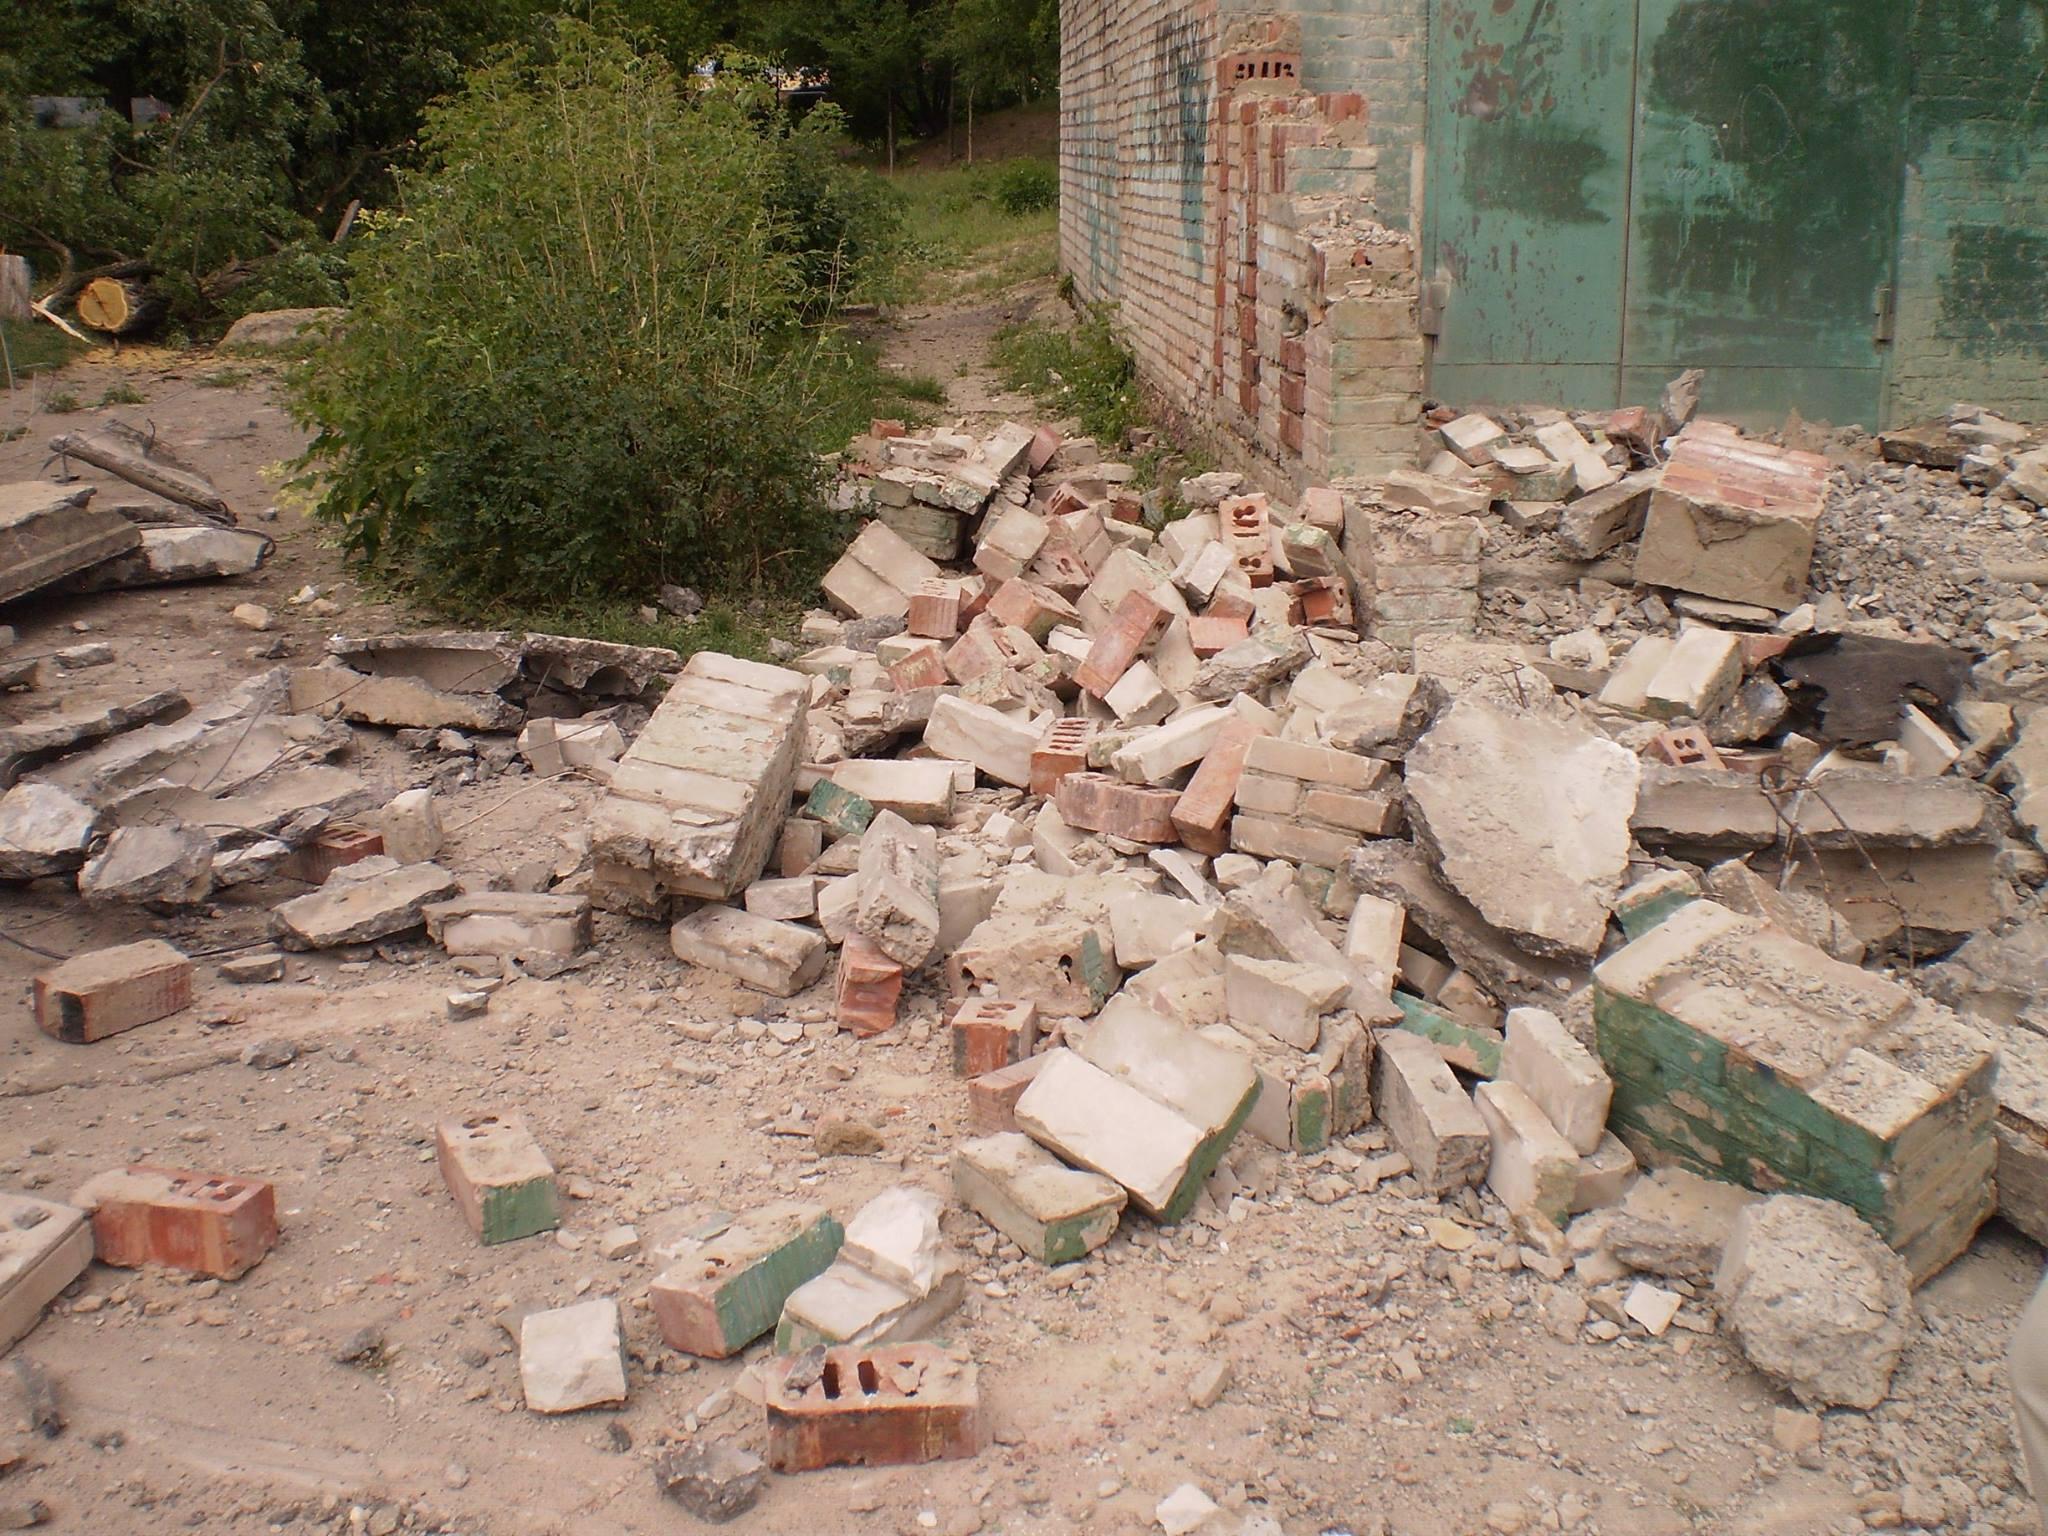 Обстановка в Луганске 25.07: массовая кража имущества, разрушения и похищение несовершеннолетних